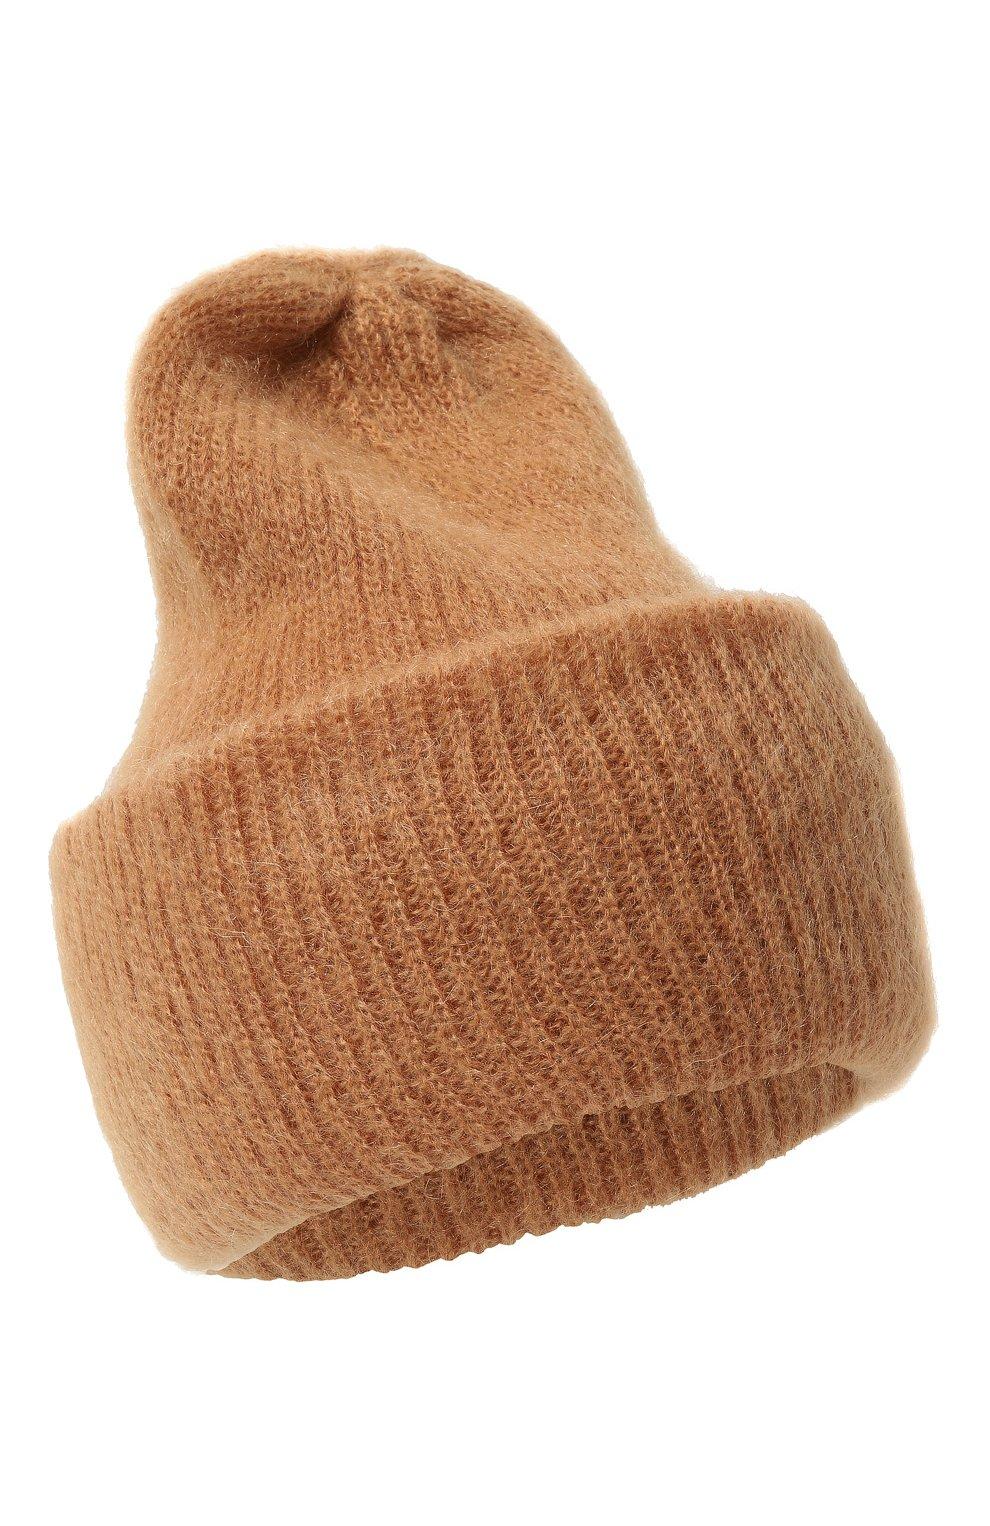 Женская шапка TAK.ORI бежевого цвета, арт. HTK50027WM050AW19 | Фото 1 (Материал: Текстиль, Шерсть, Синтетический материал; Статус проверки: Проверено, Проверена категория)